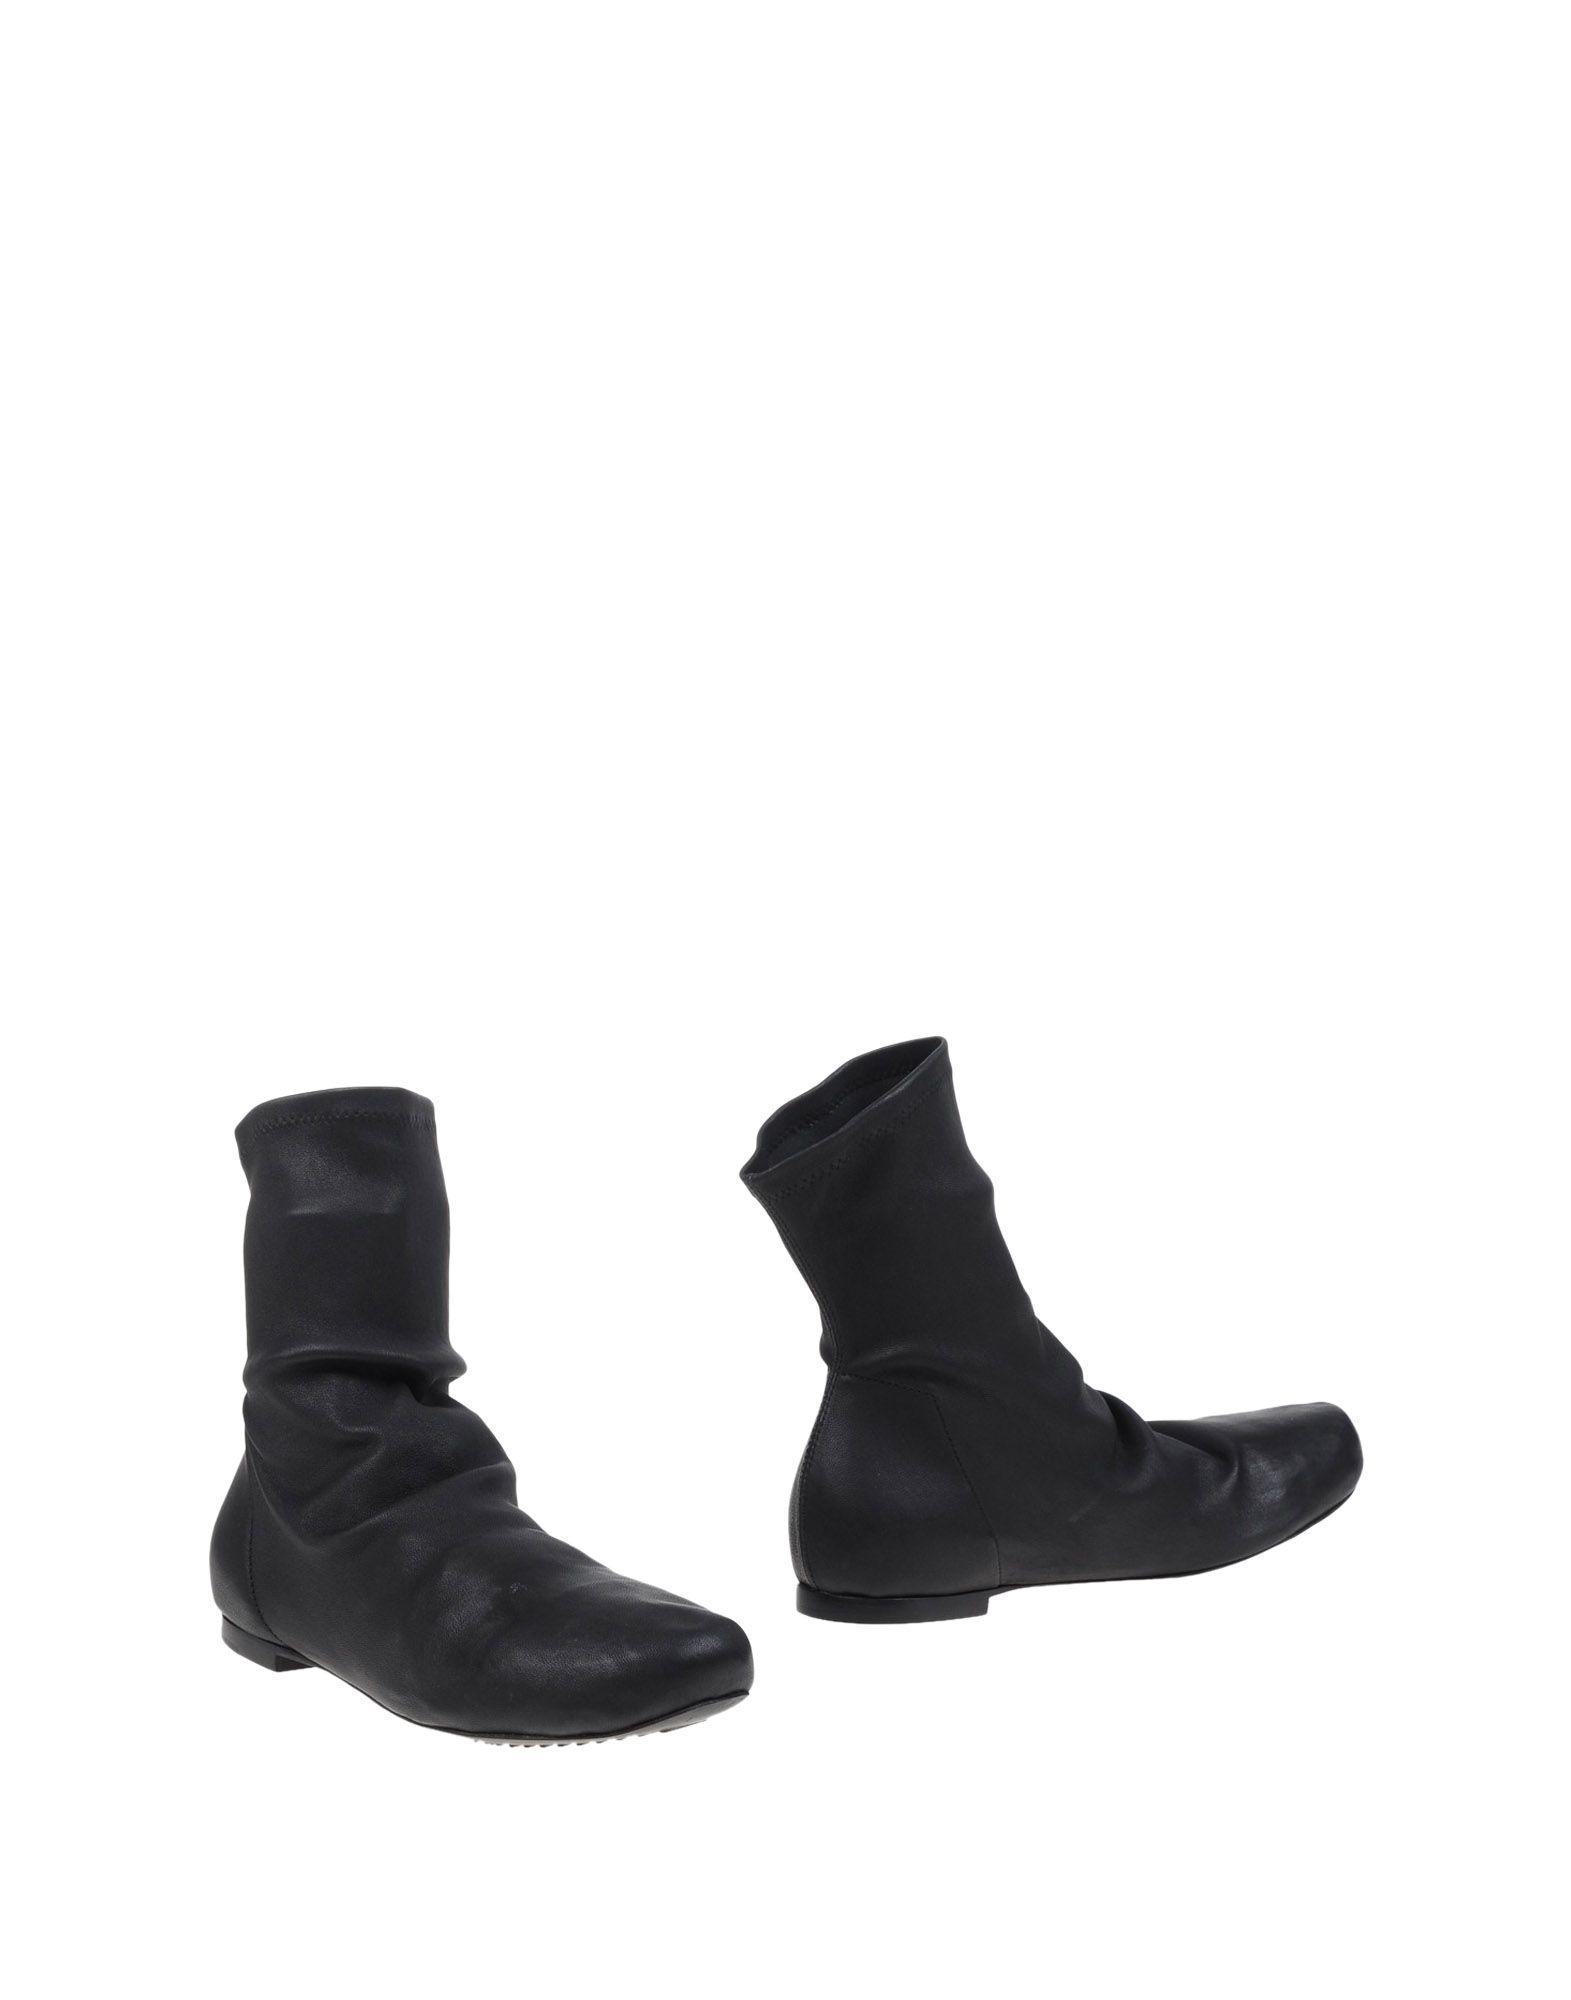 Rick Owens Stiefelette aussehende Damen  11062369EOGünstige gut aussehende Stiefelette Schuhe 328989